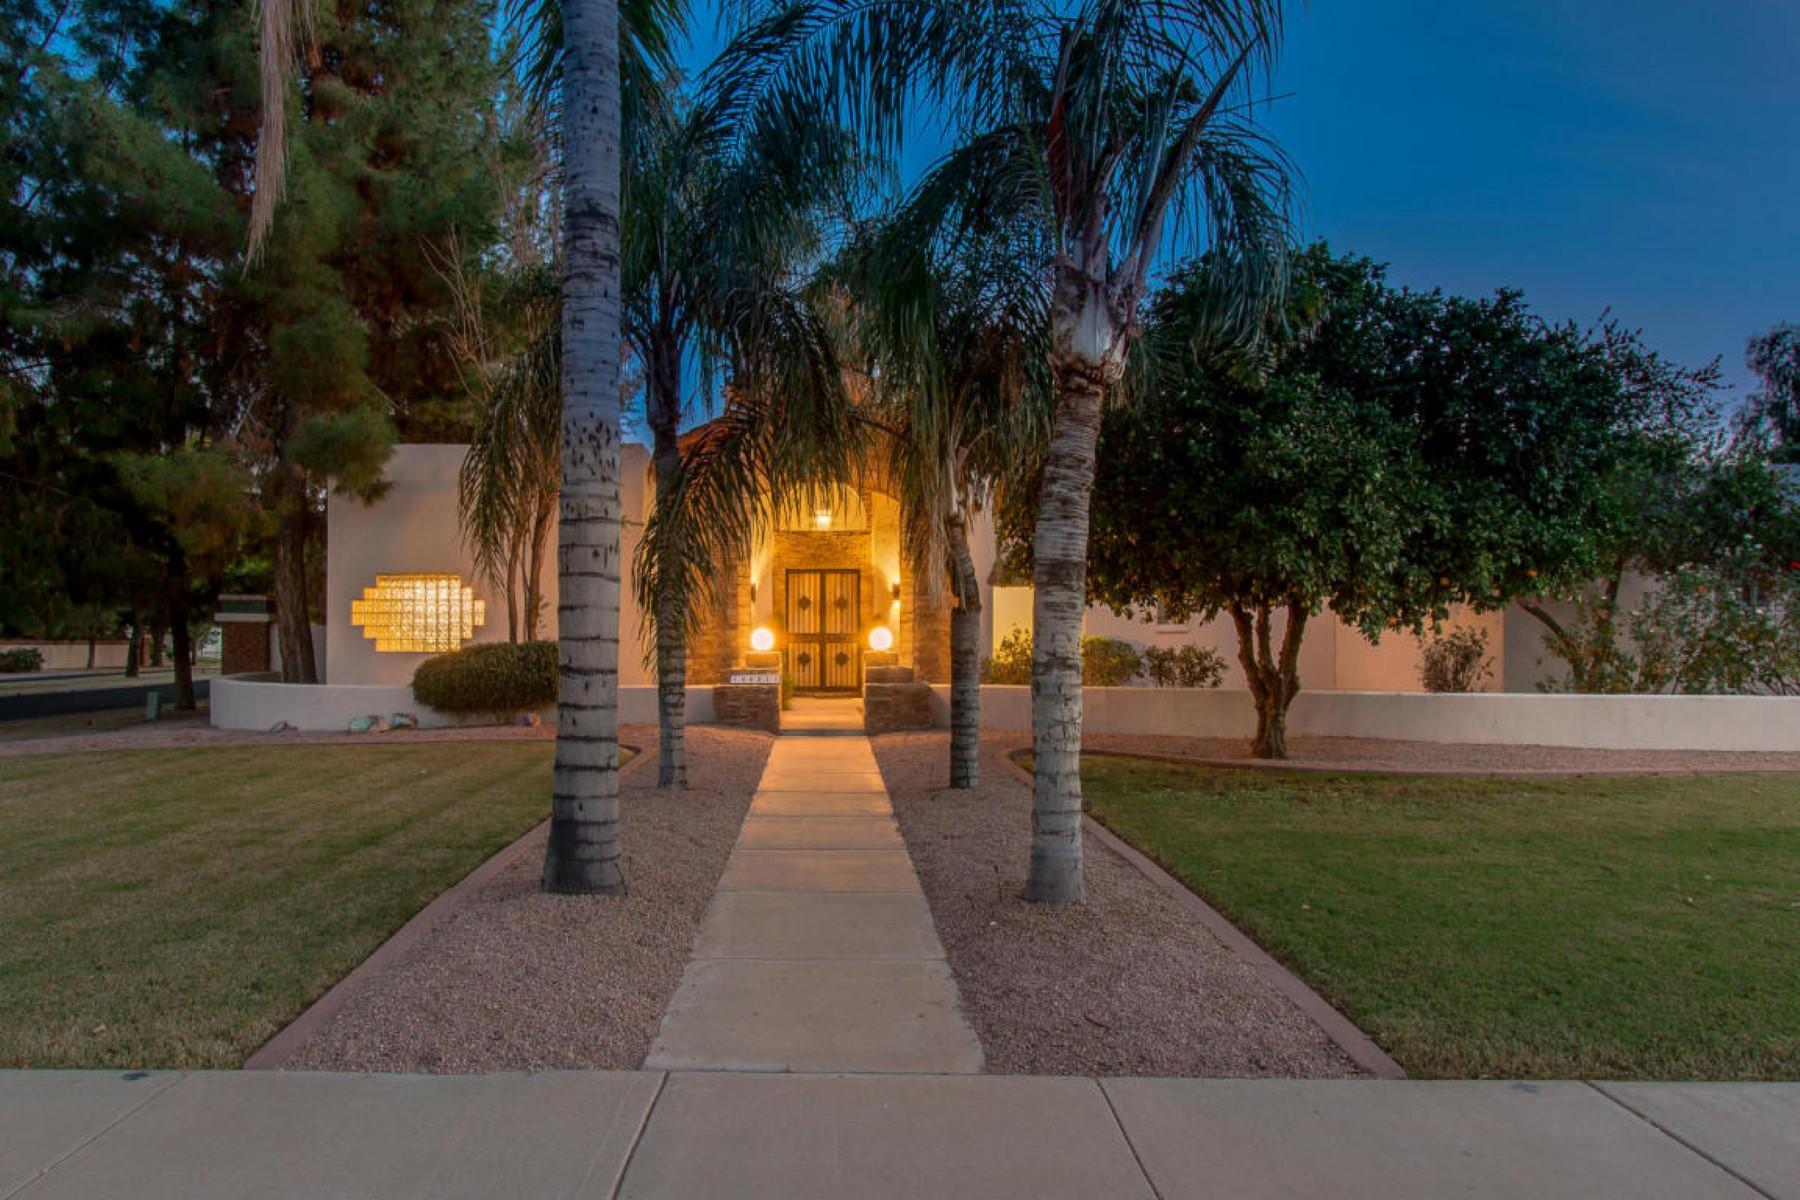 Maison unifamiliale pour l Vente à Custom Built Territorial Home Live in the heart of Mesa 4621 E Gable Cir Mesa, Arizona, 85206 États-Unis